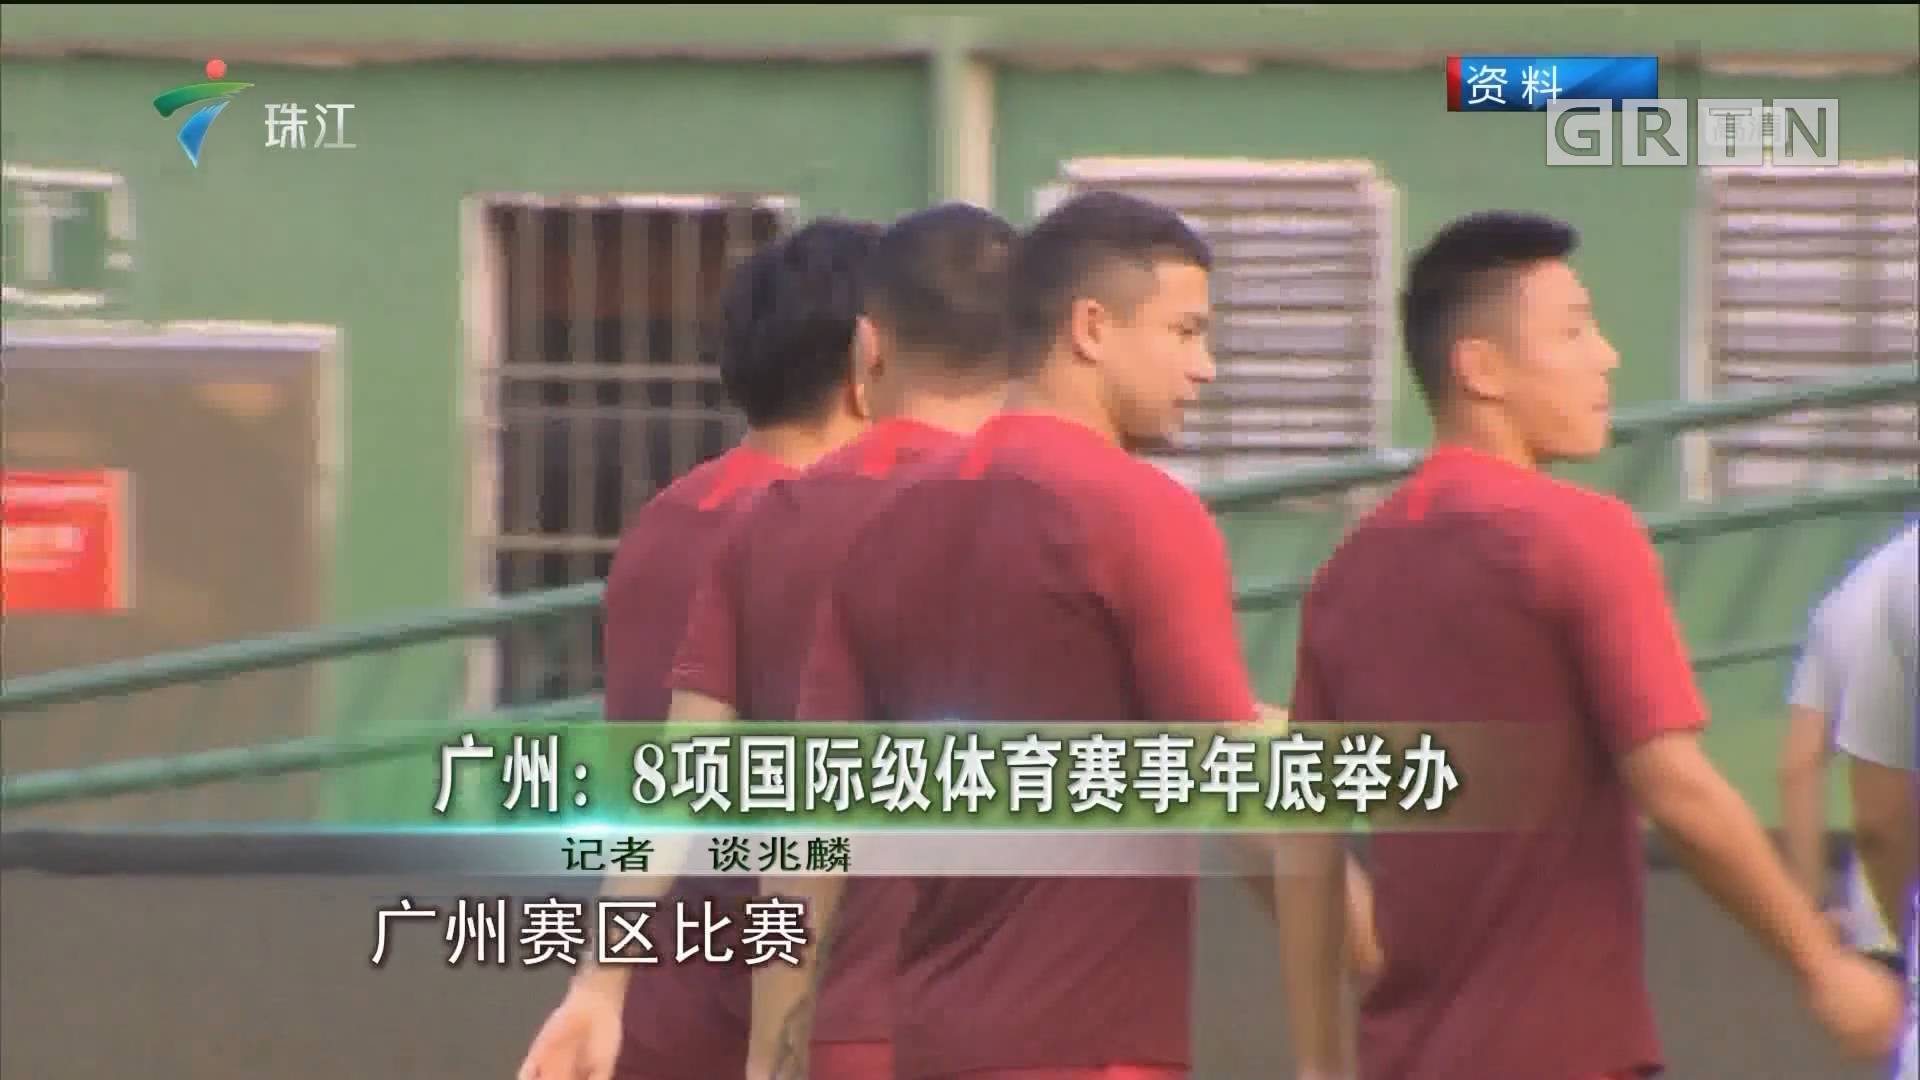 广州:8项国际级体育赛事年底举办